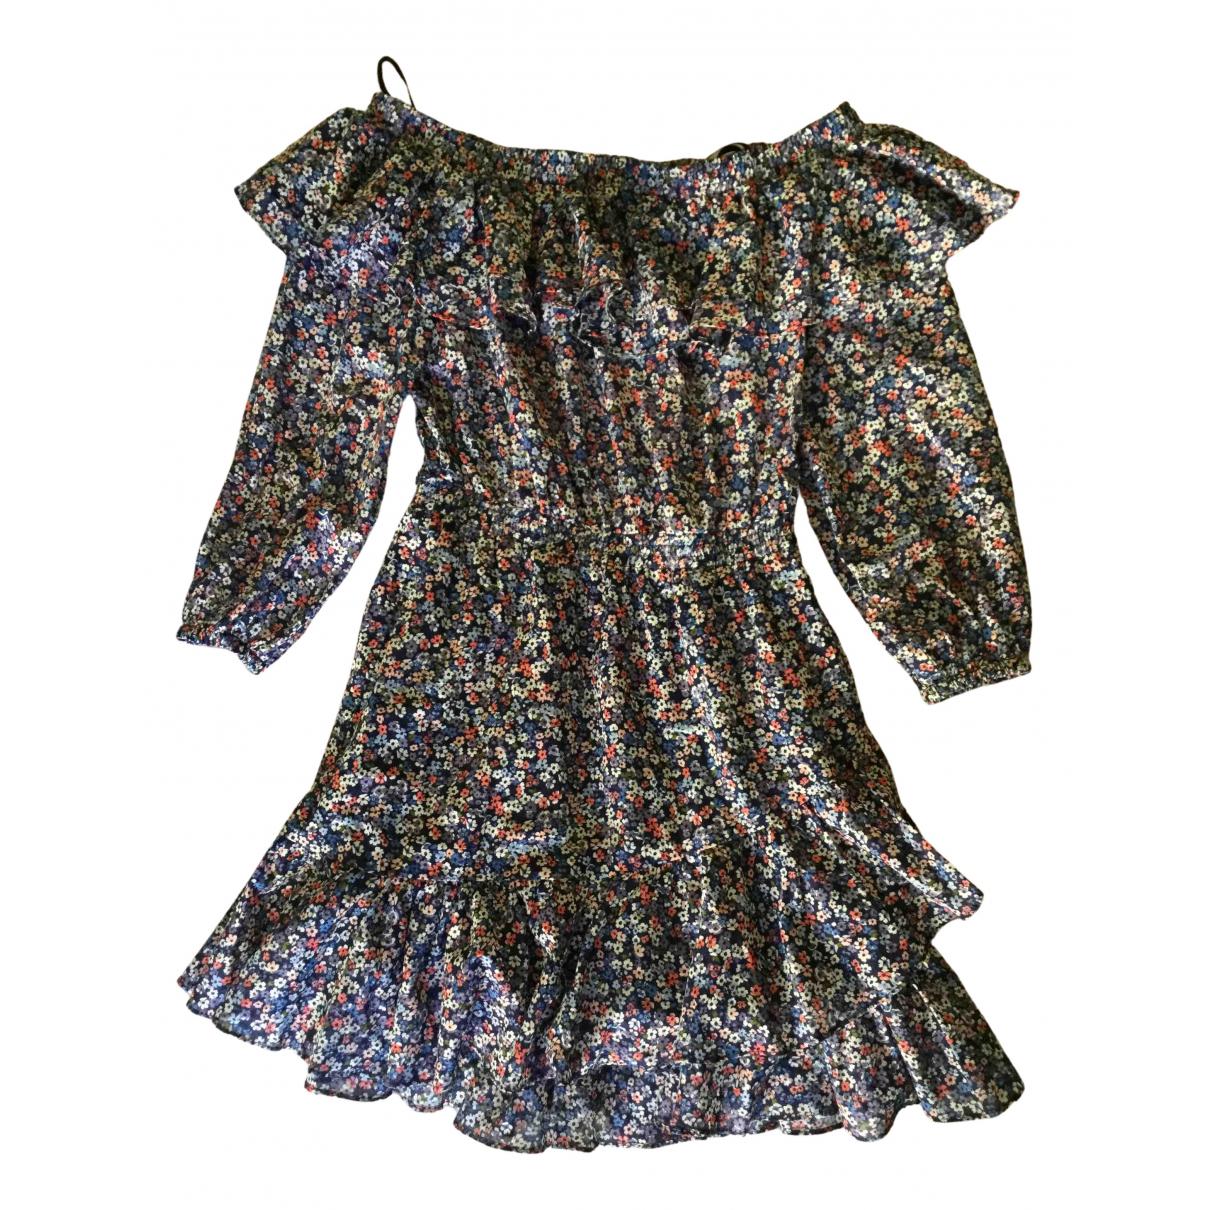 Michael Kors \N Kleid in  Bunt Baumwolle